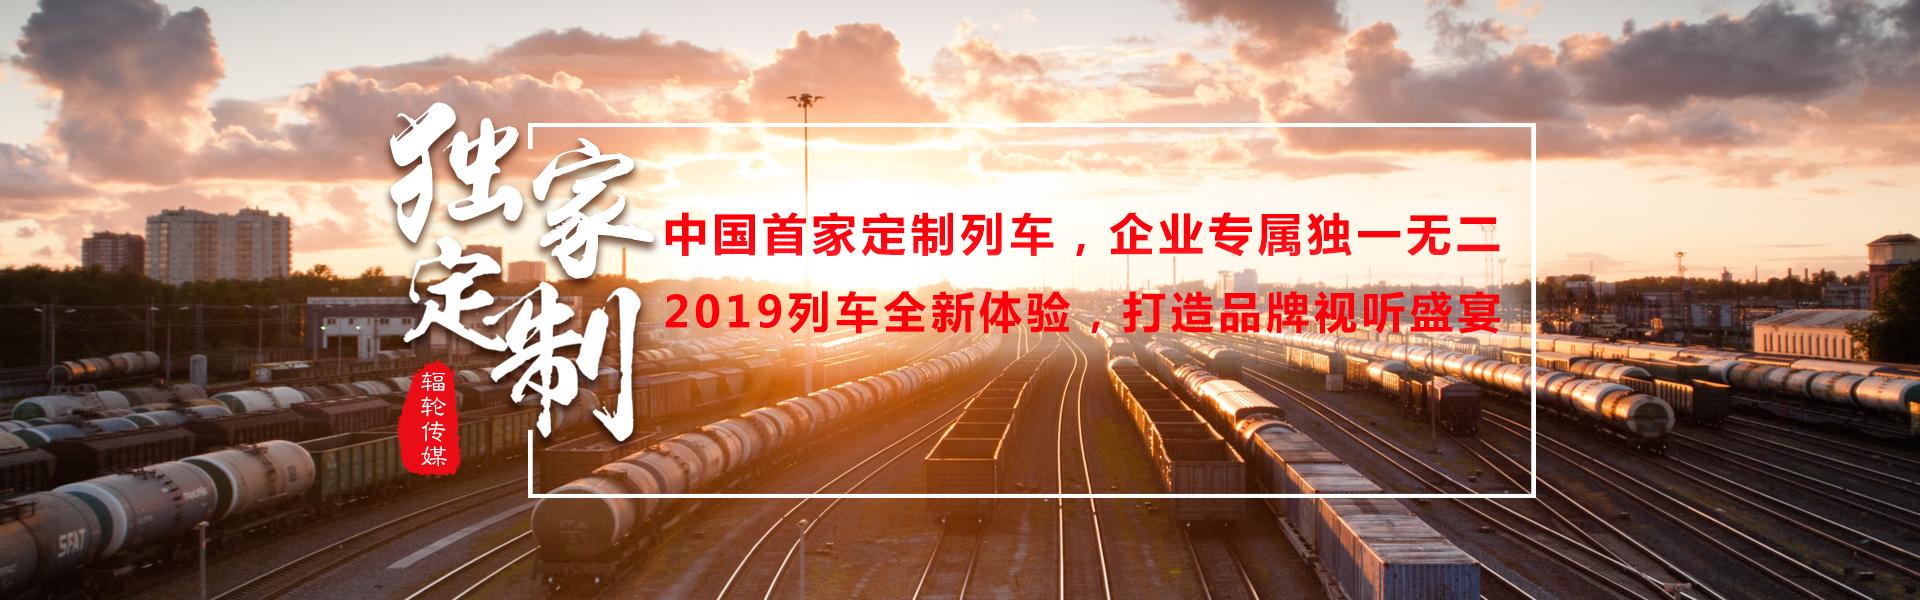 辐轮传媒,专业铁路传媒公司,列车媒体